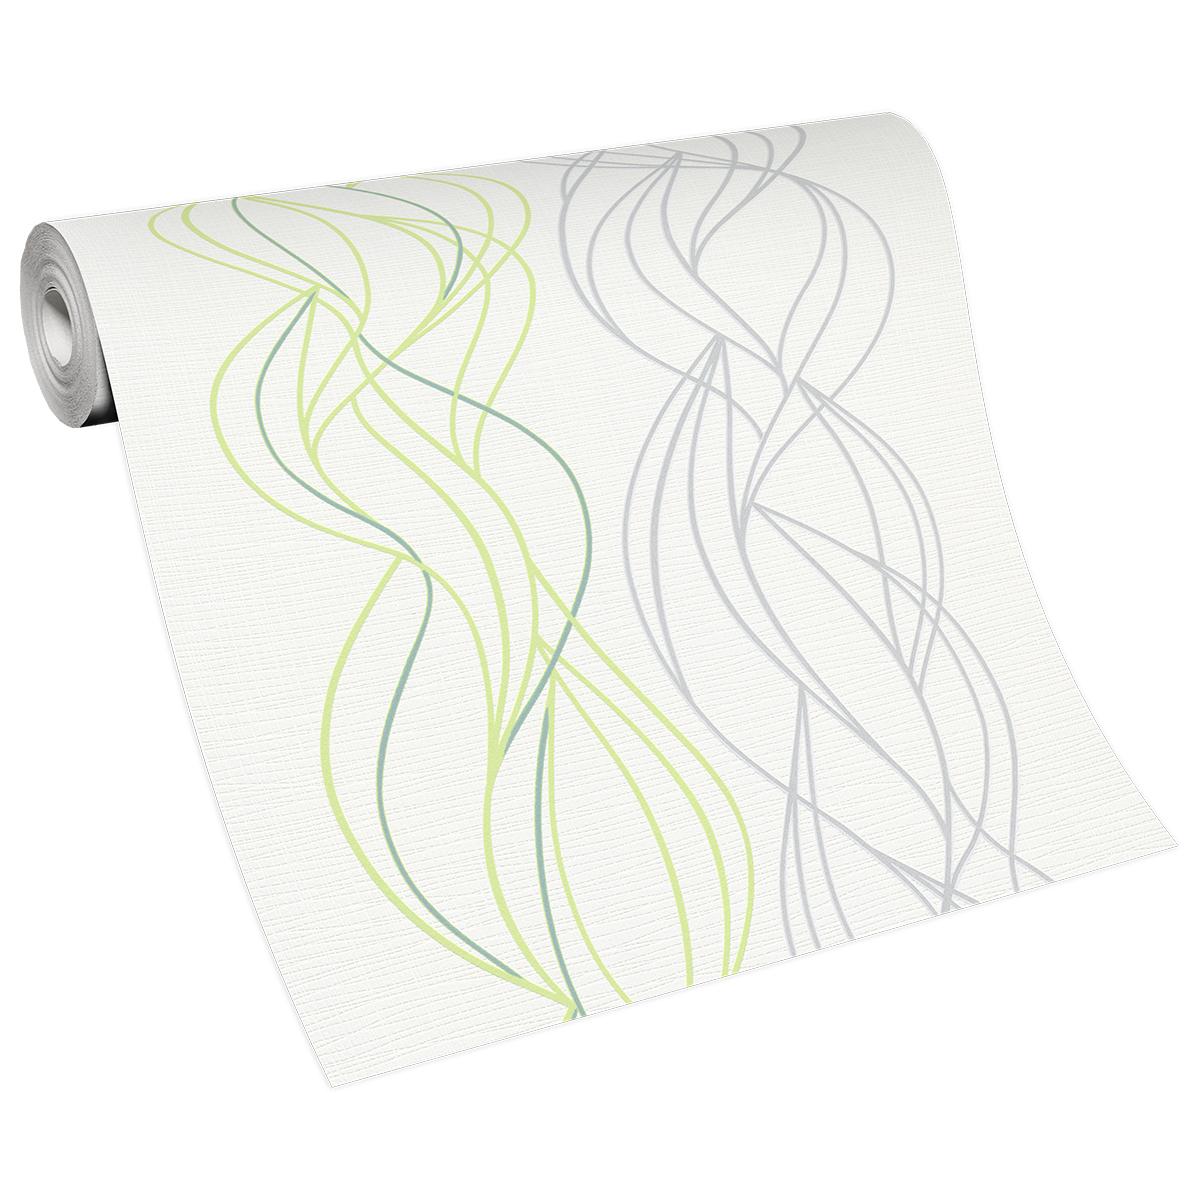 тапет Бестселър 3 зелени вълни бяло